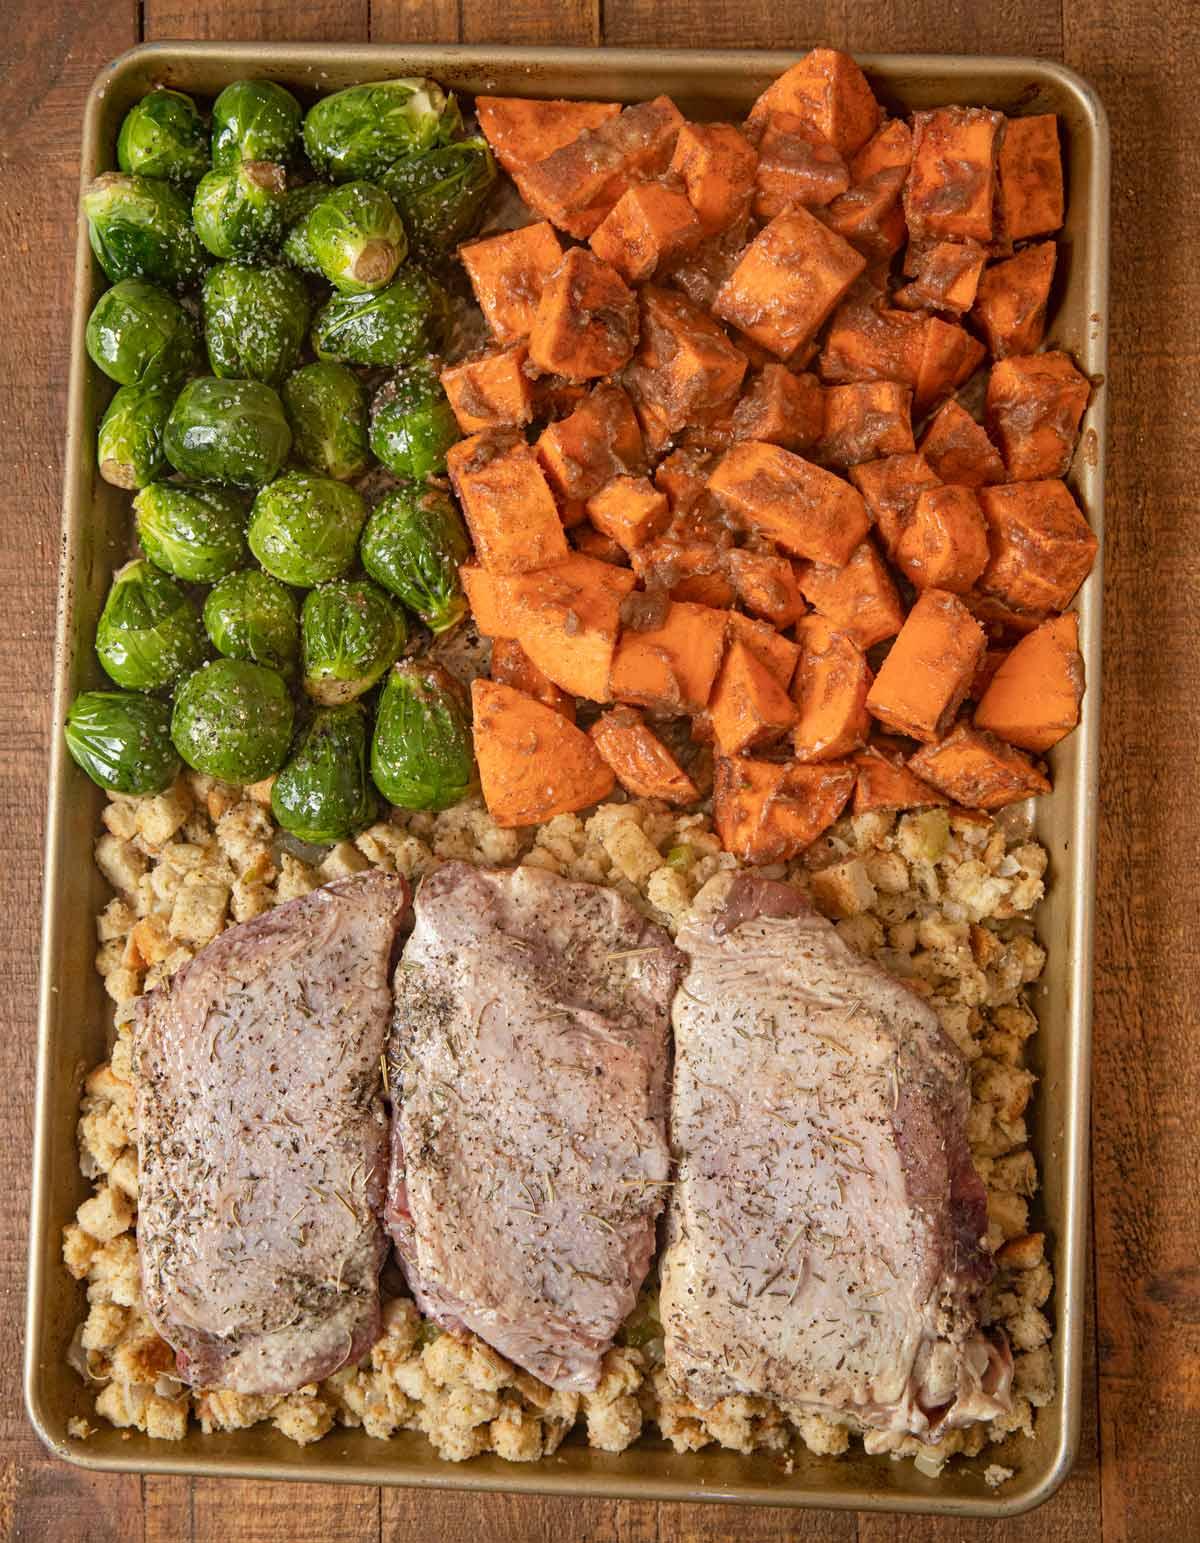 Sheet Pan Thanksgiving Dinner before cooking